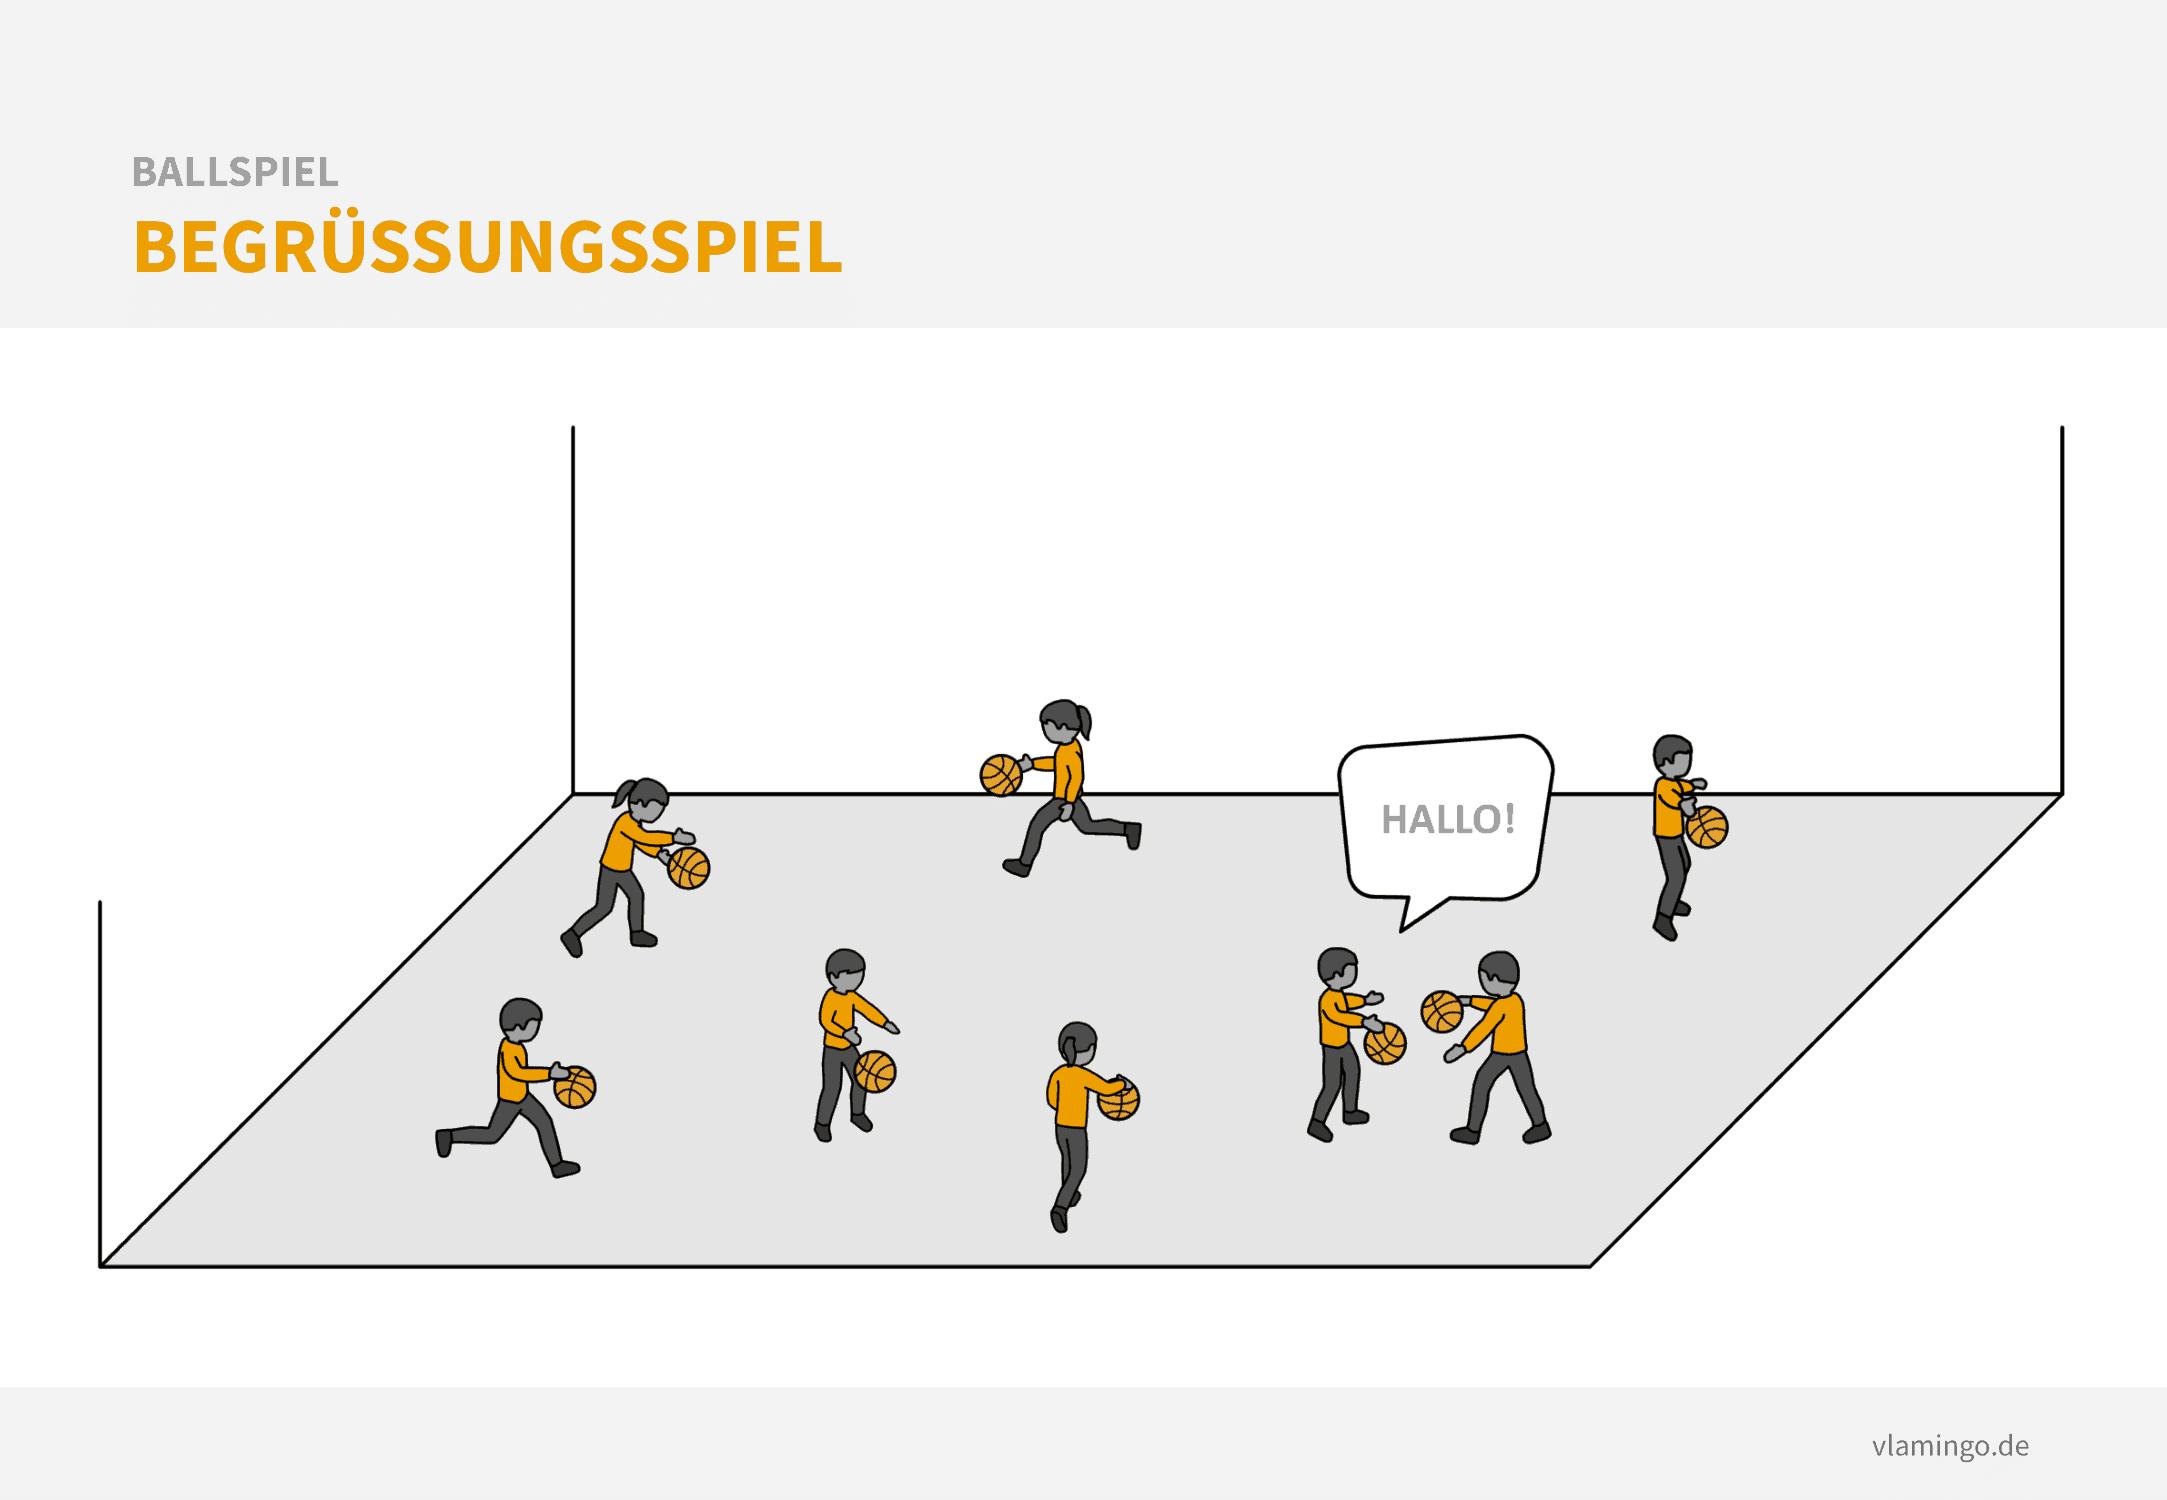 Basketball Aufwärmspiel: Begrüßungsspiel